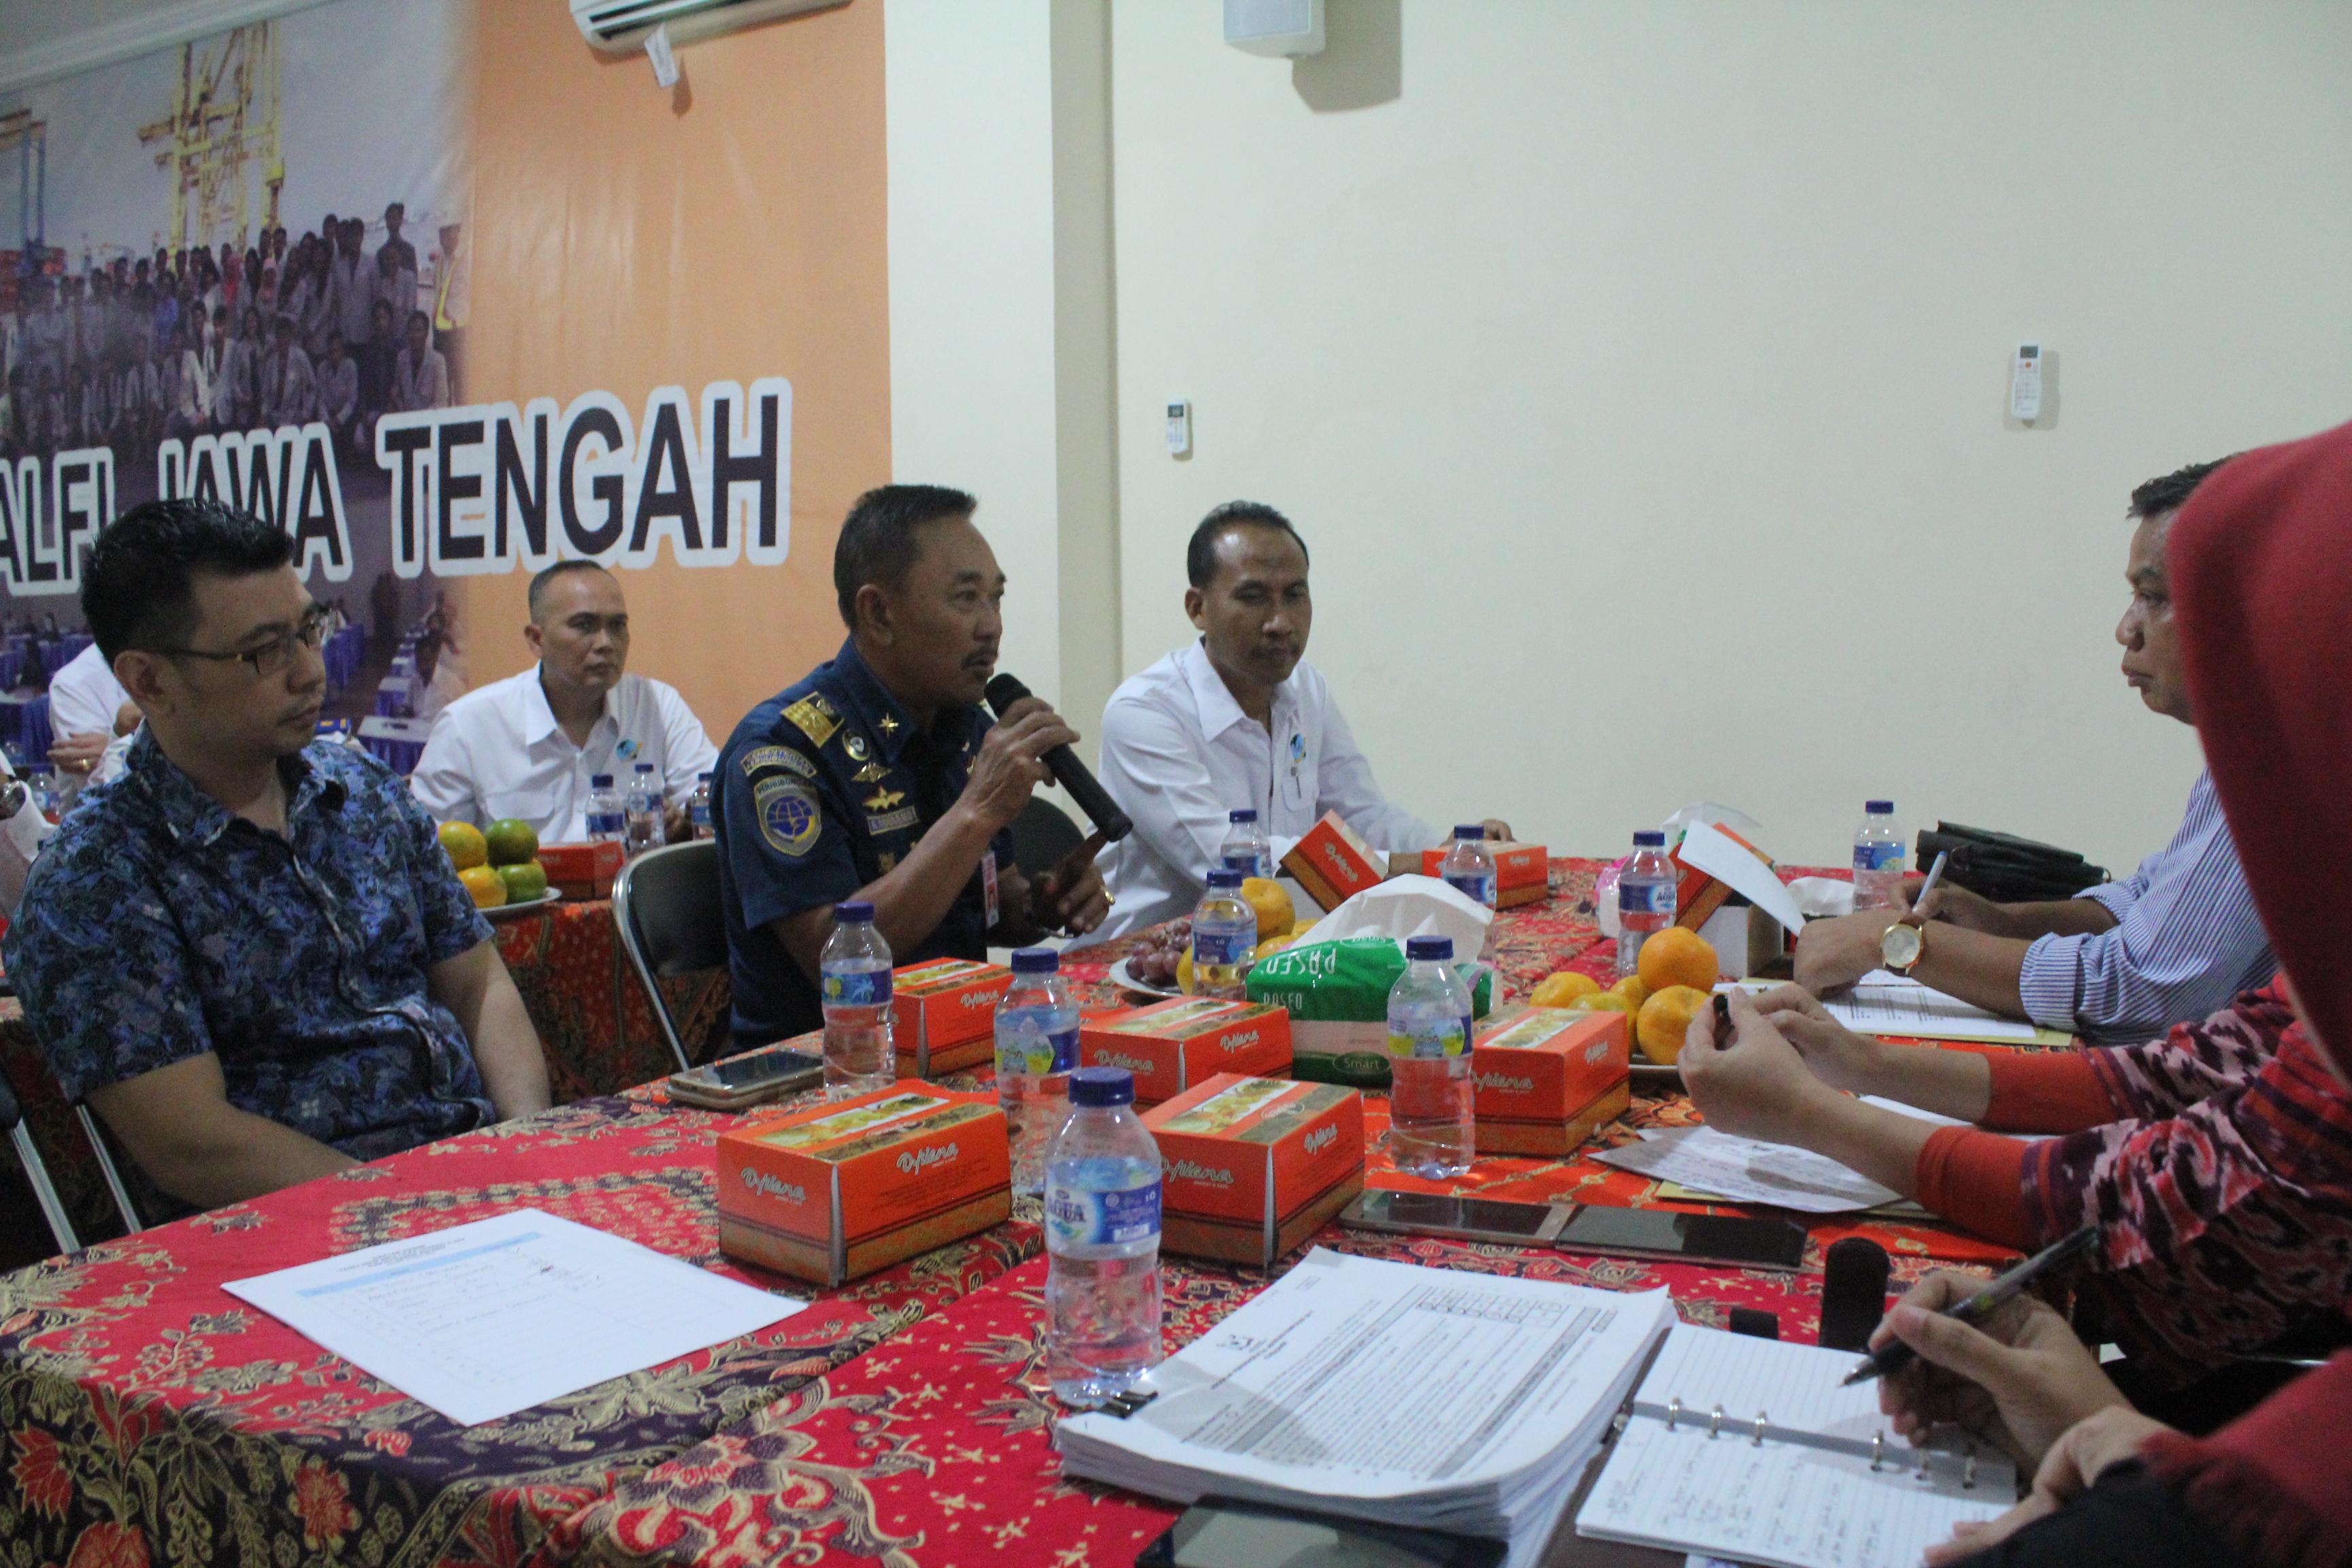 wawancara oleh kepala KSOP Kelas 1 tj Emas Semarang dalam rangka mempersiapkan KADIN AWARD 2017